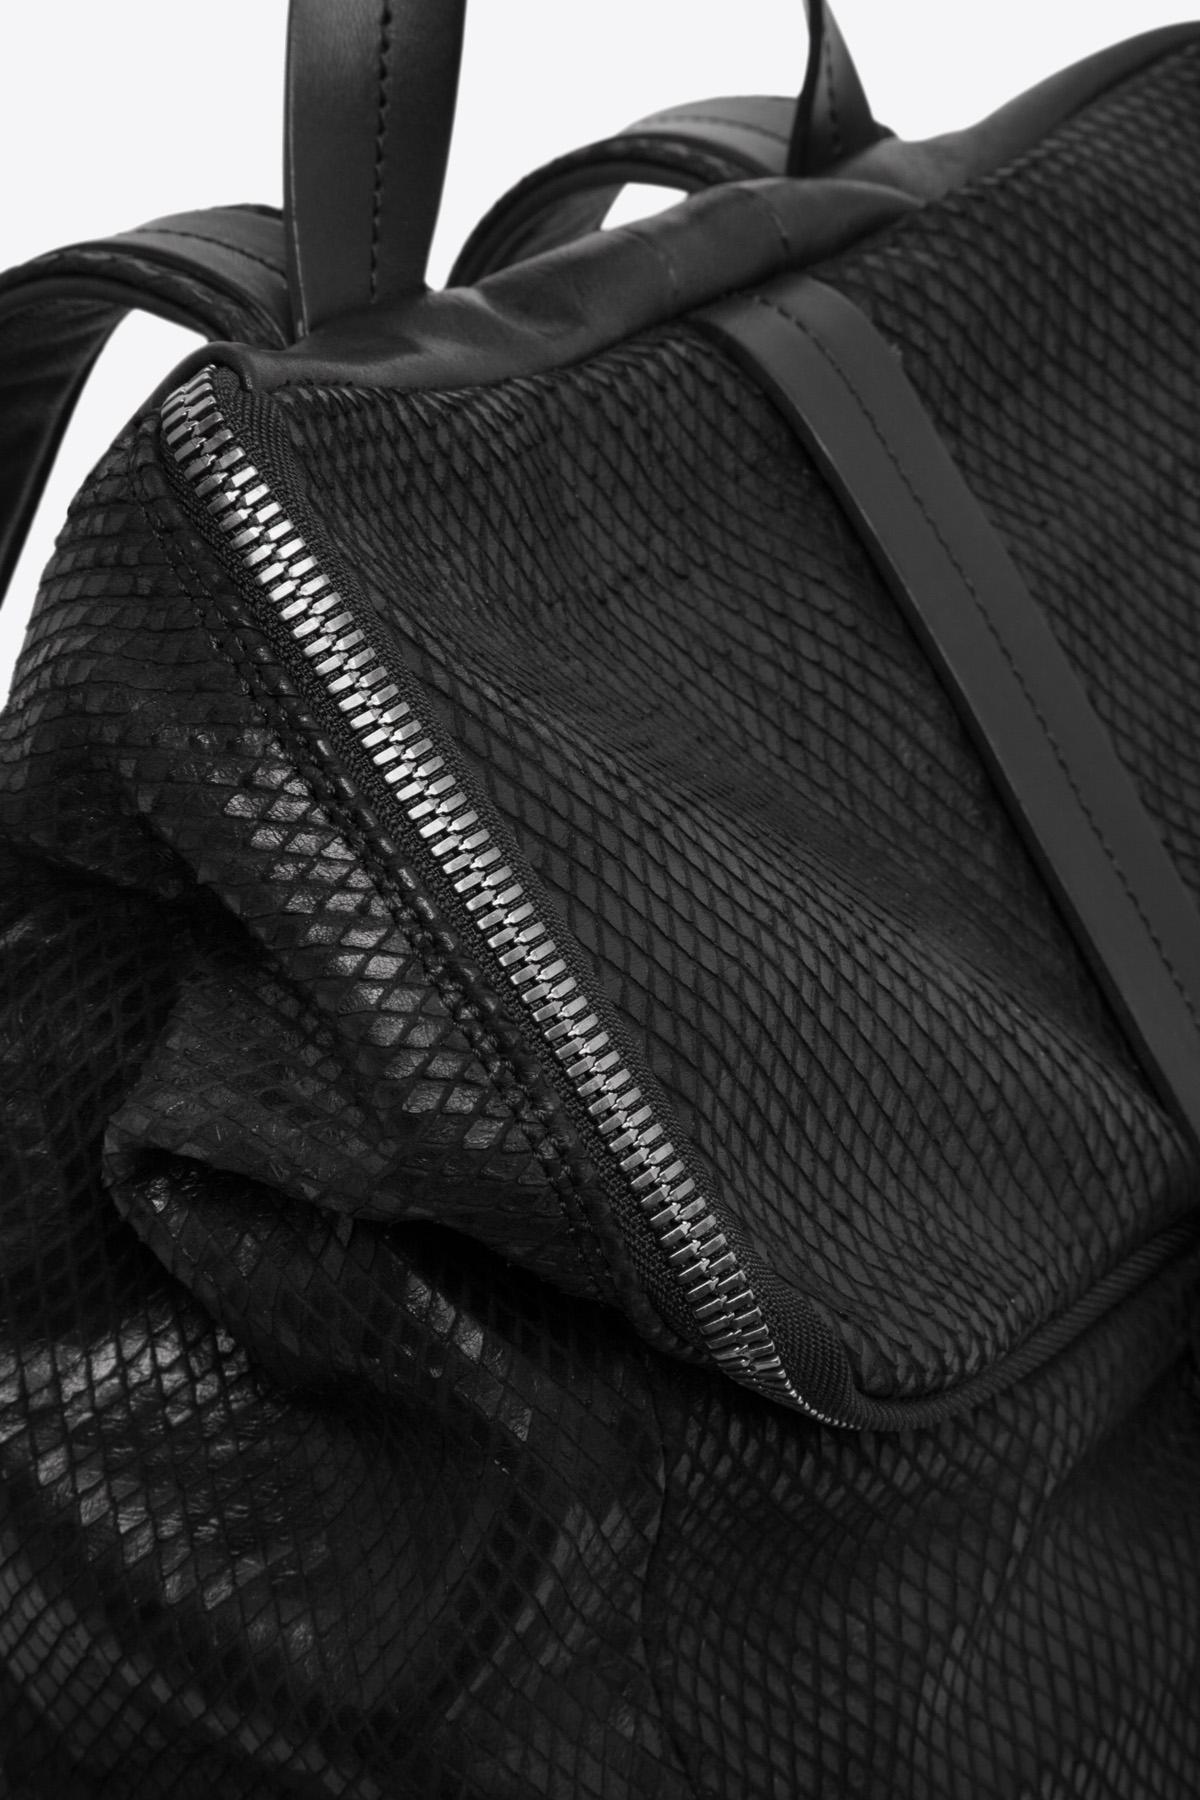 dclr011-backpack-a23-backsnakeblack-detail